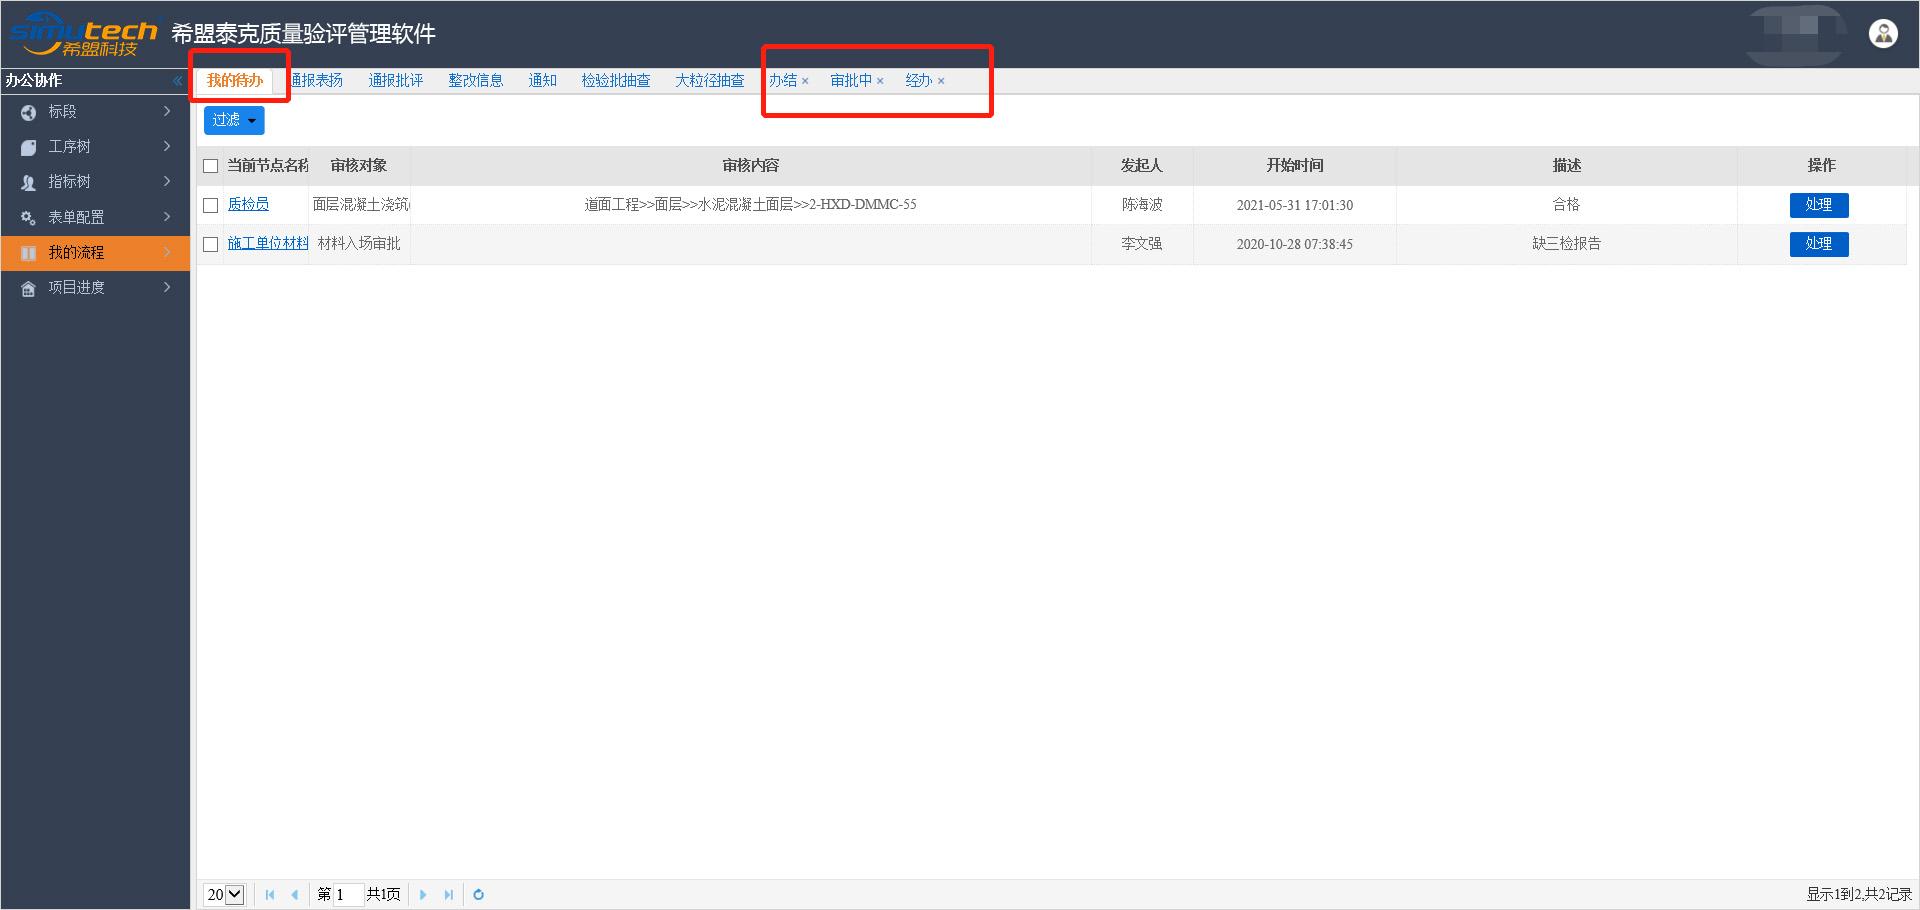 希盟泰克质量验评管理软件-自主PLM 智慧工地管理平台 BIM施工管理系统